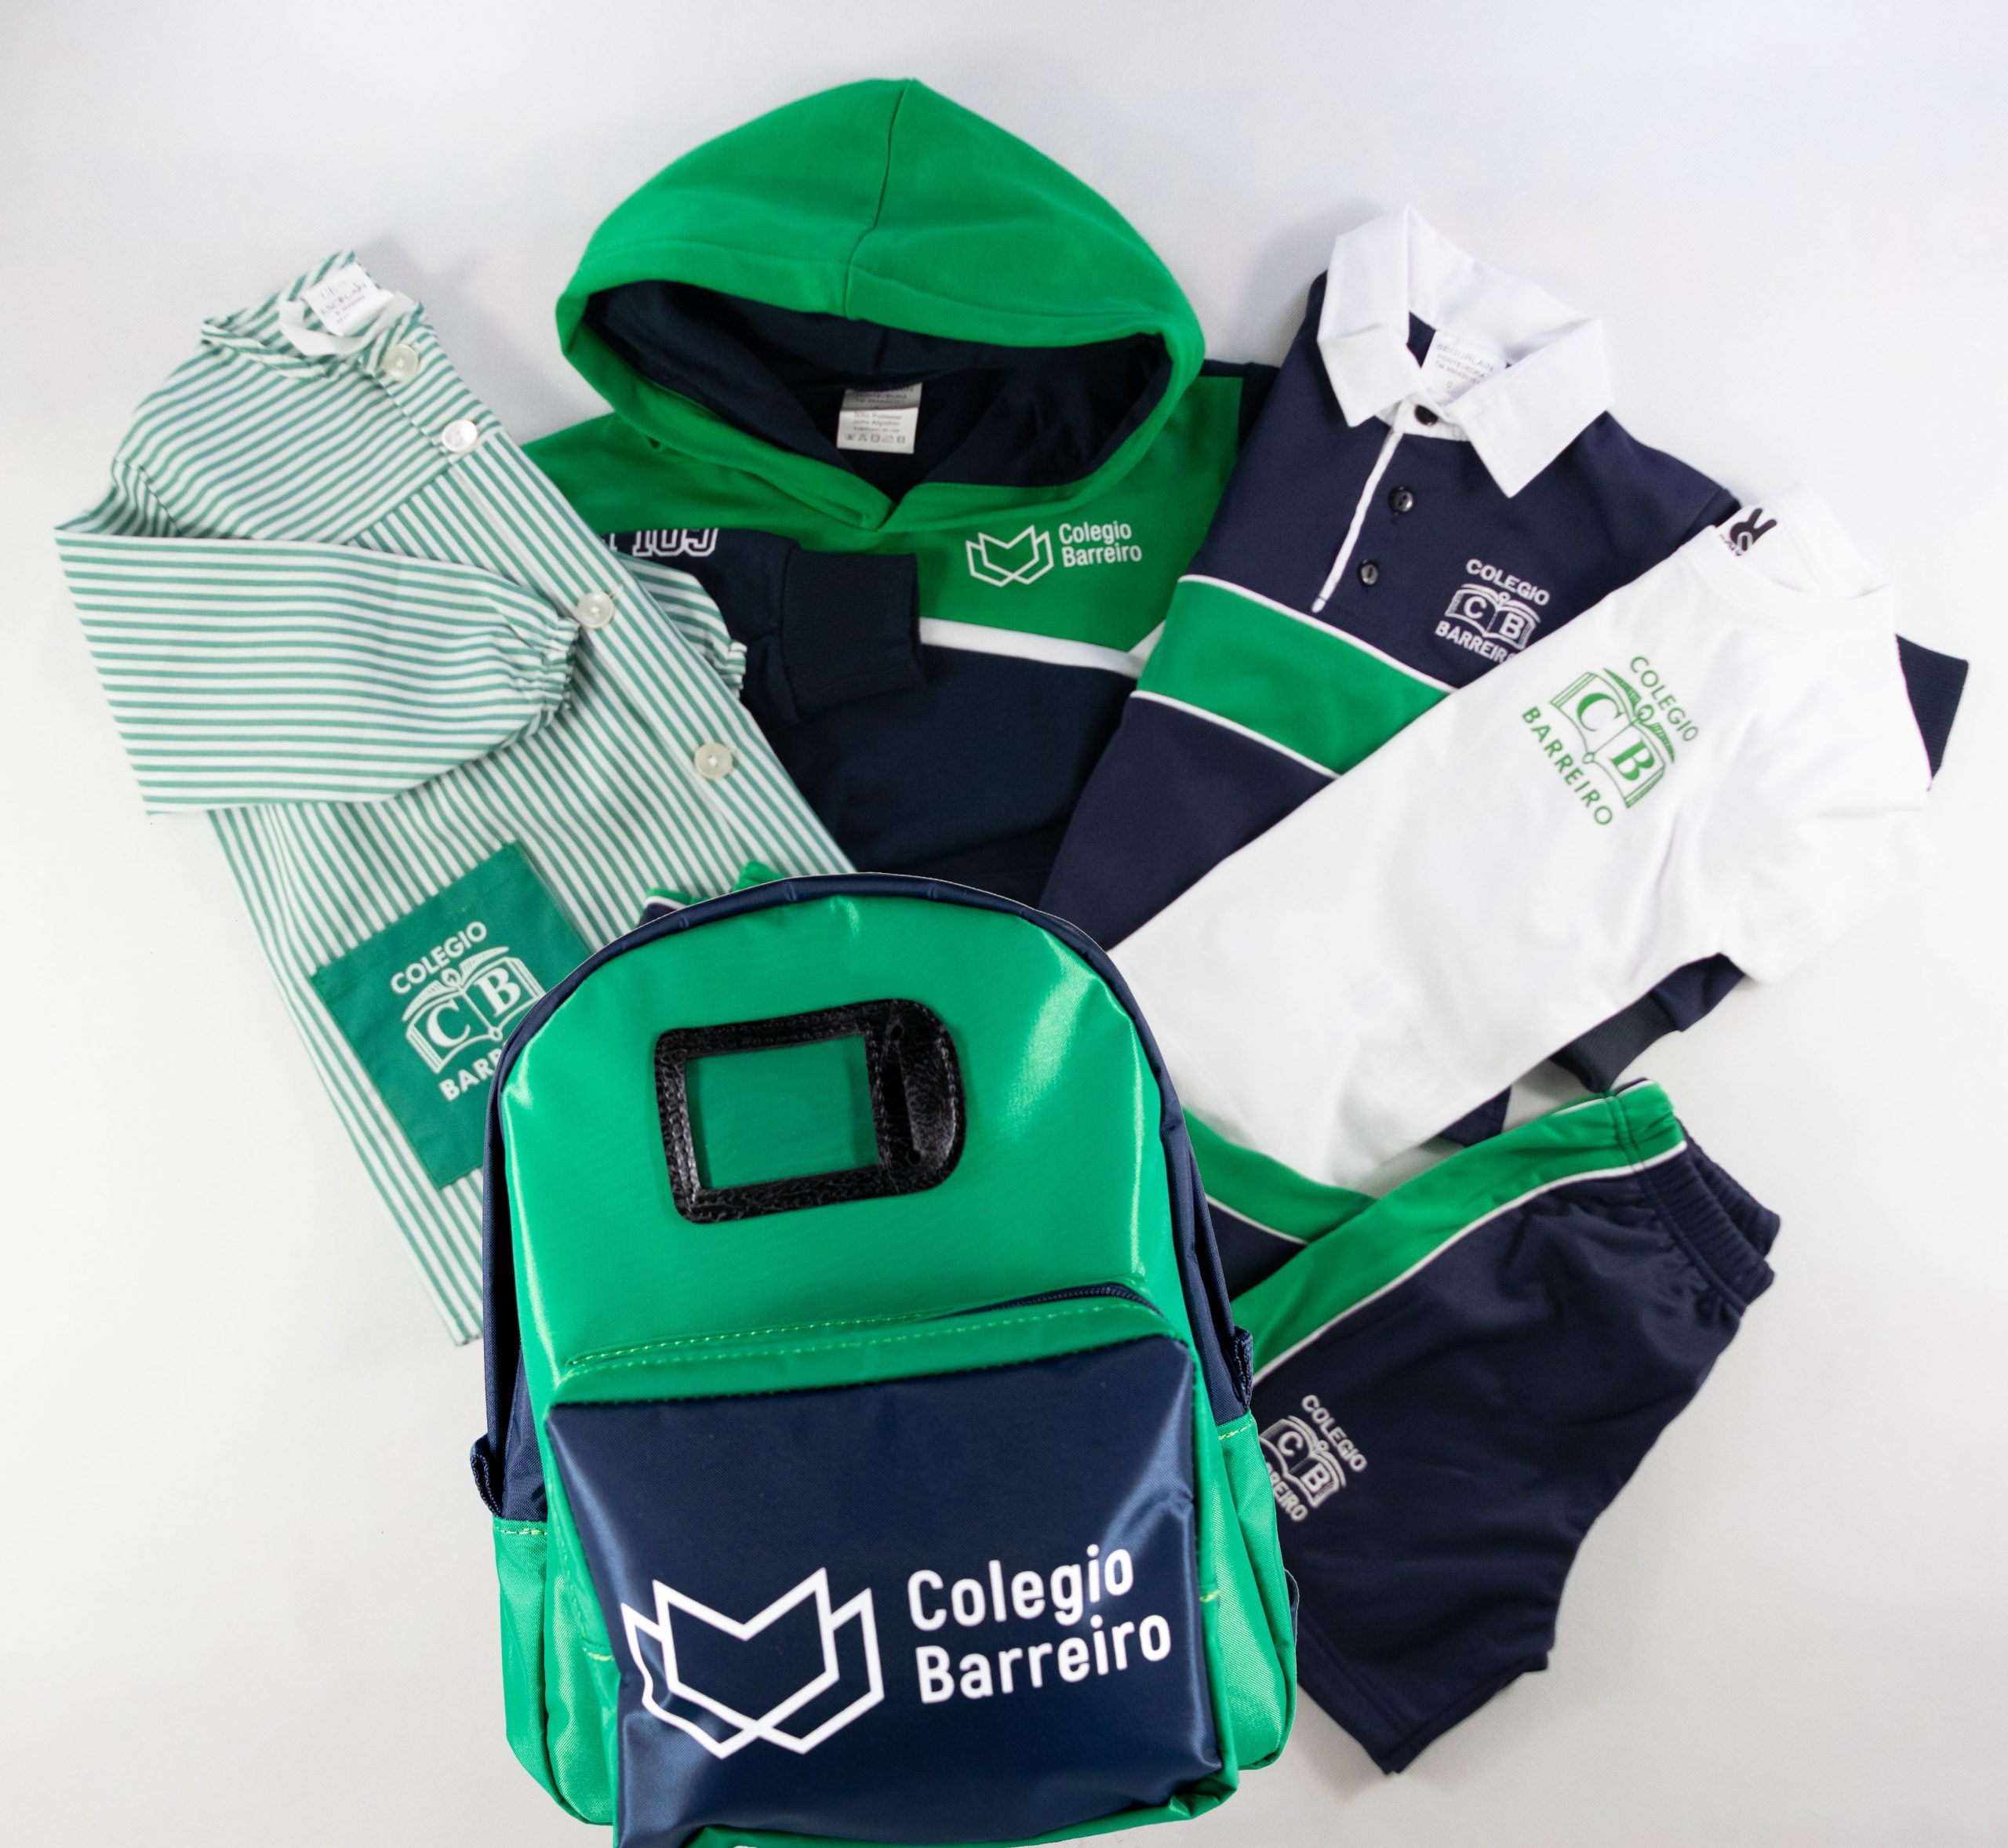 Colegio Barreiro